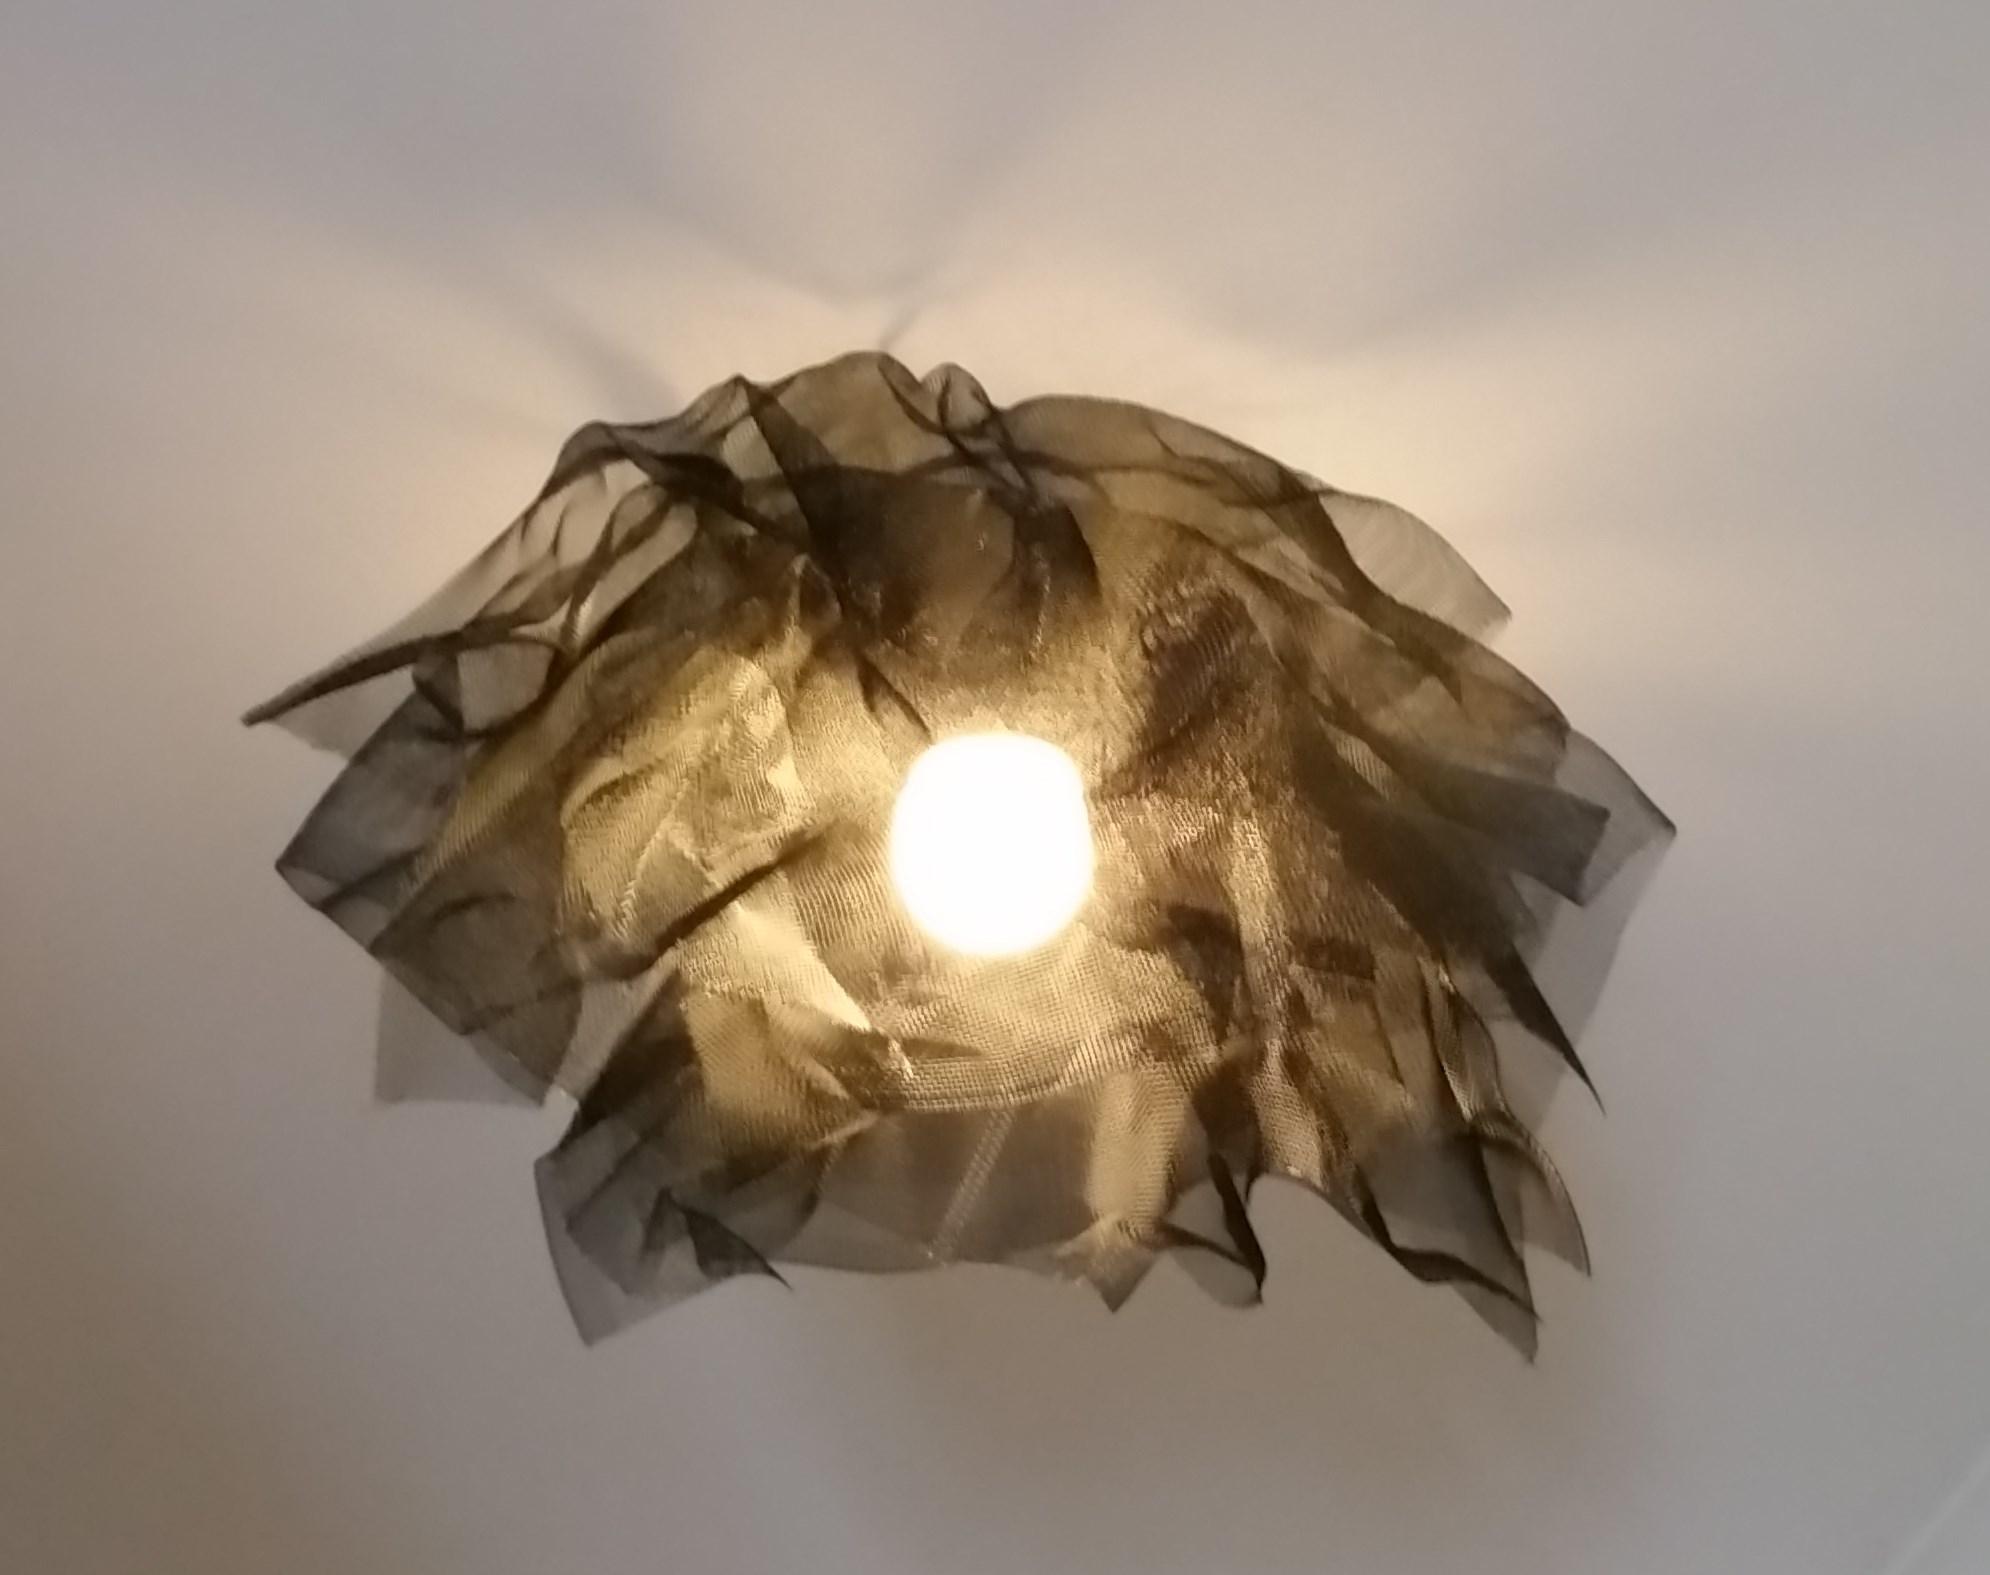 Sculptured wire light shade.